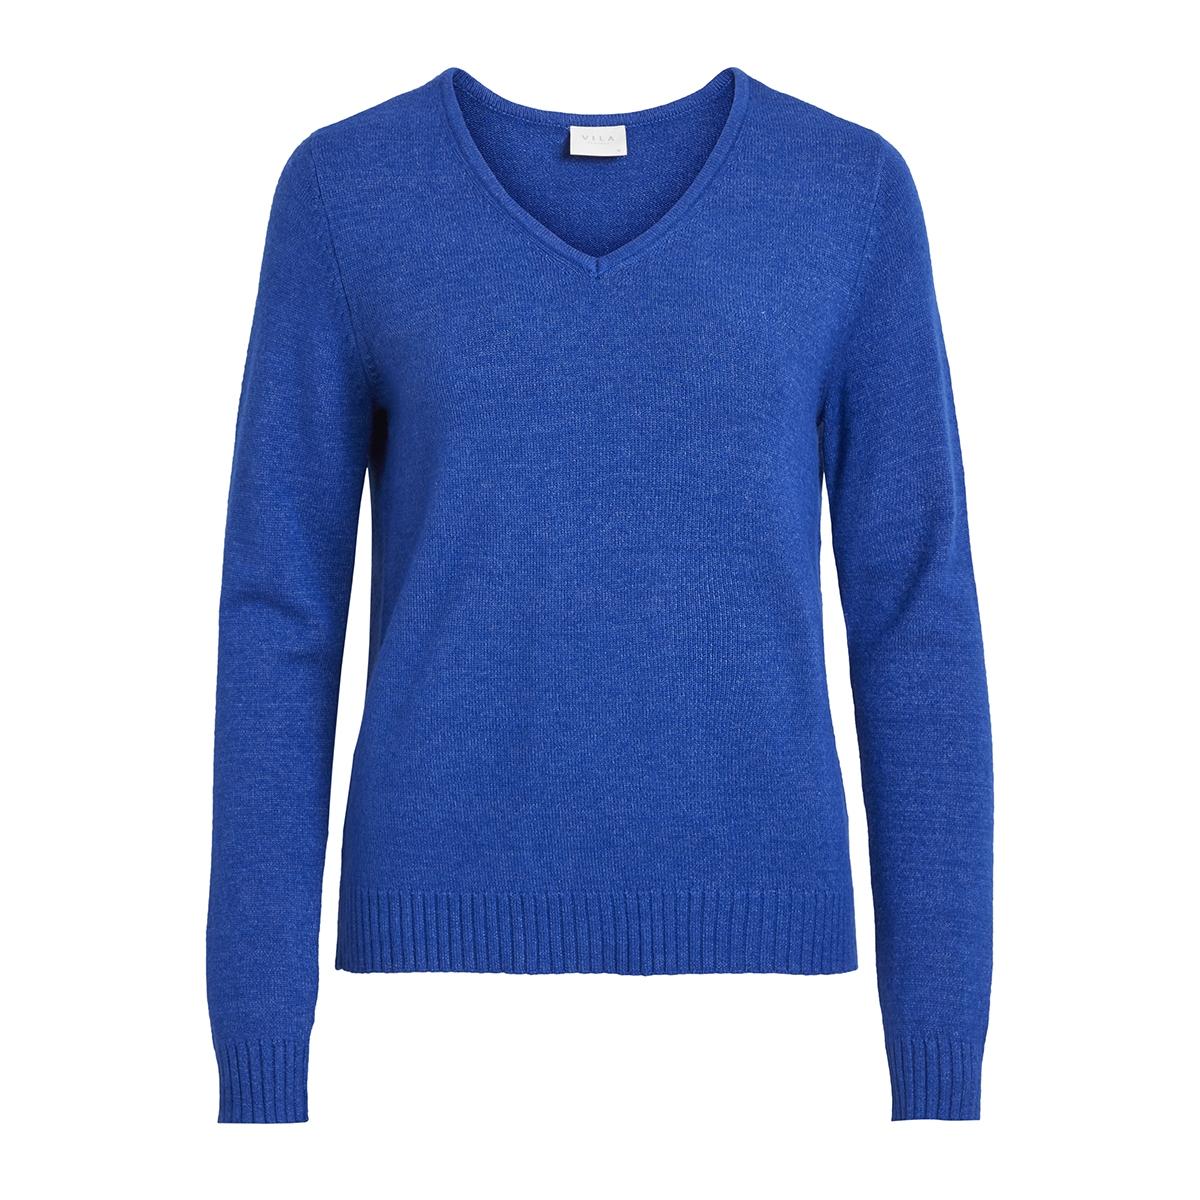 viril l/s v-neck knit top-noos 14042769 vila trui surf the web/melange